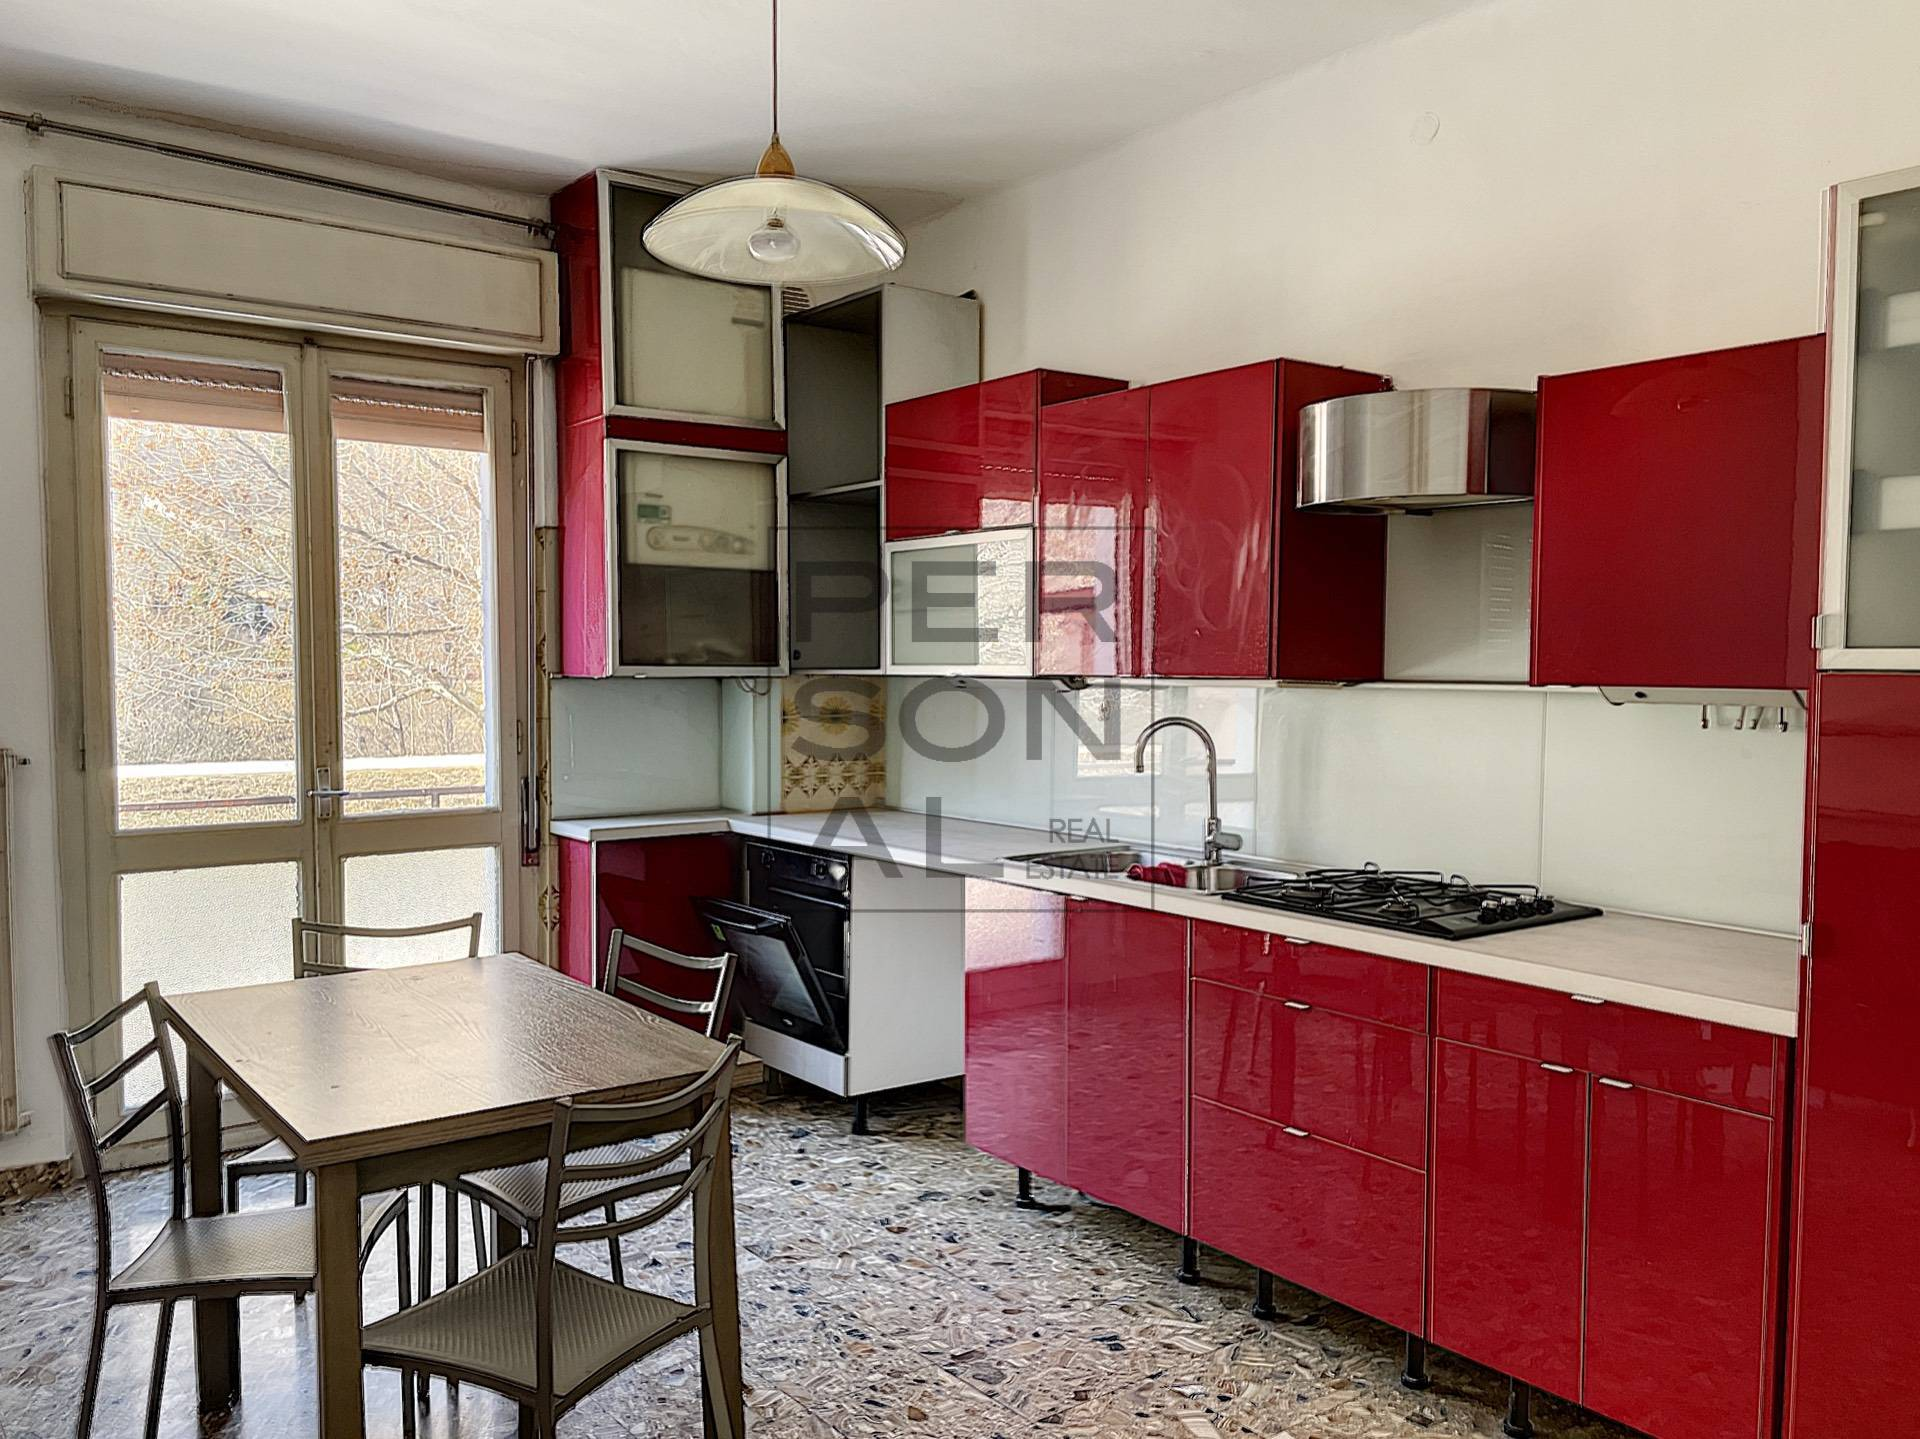 Appartamento in affitto a Trento, 4 locali, prezzo € 700 | CambioCasa.it